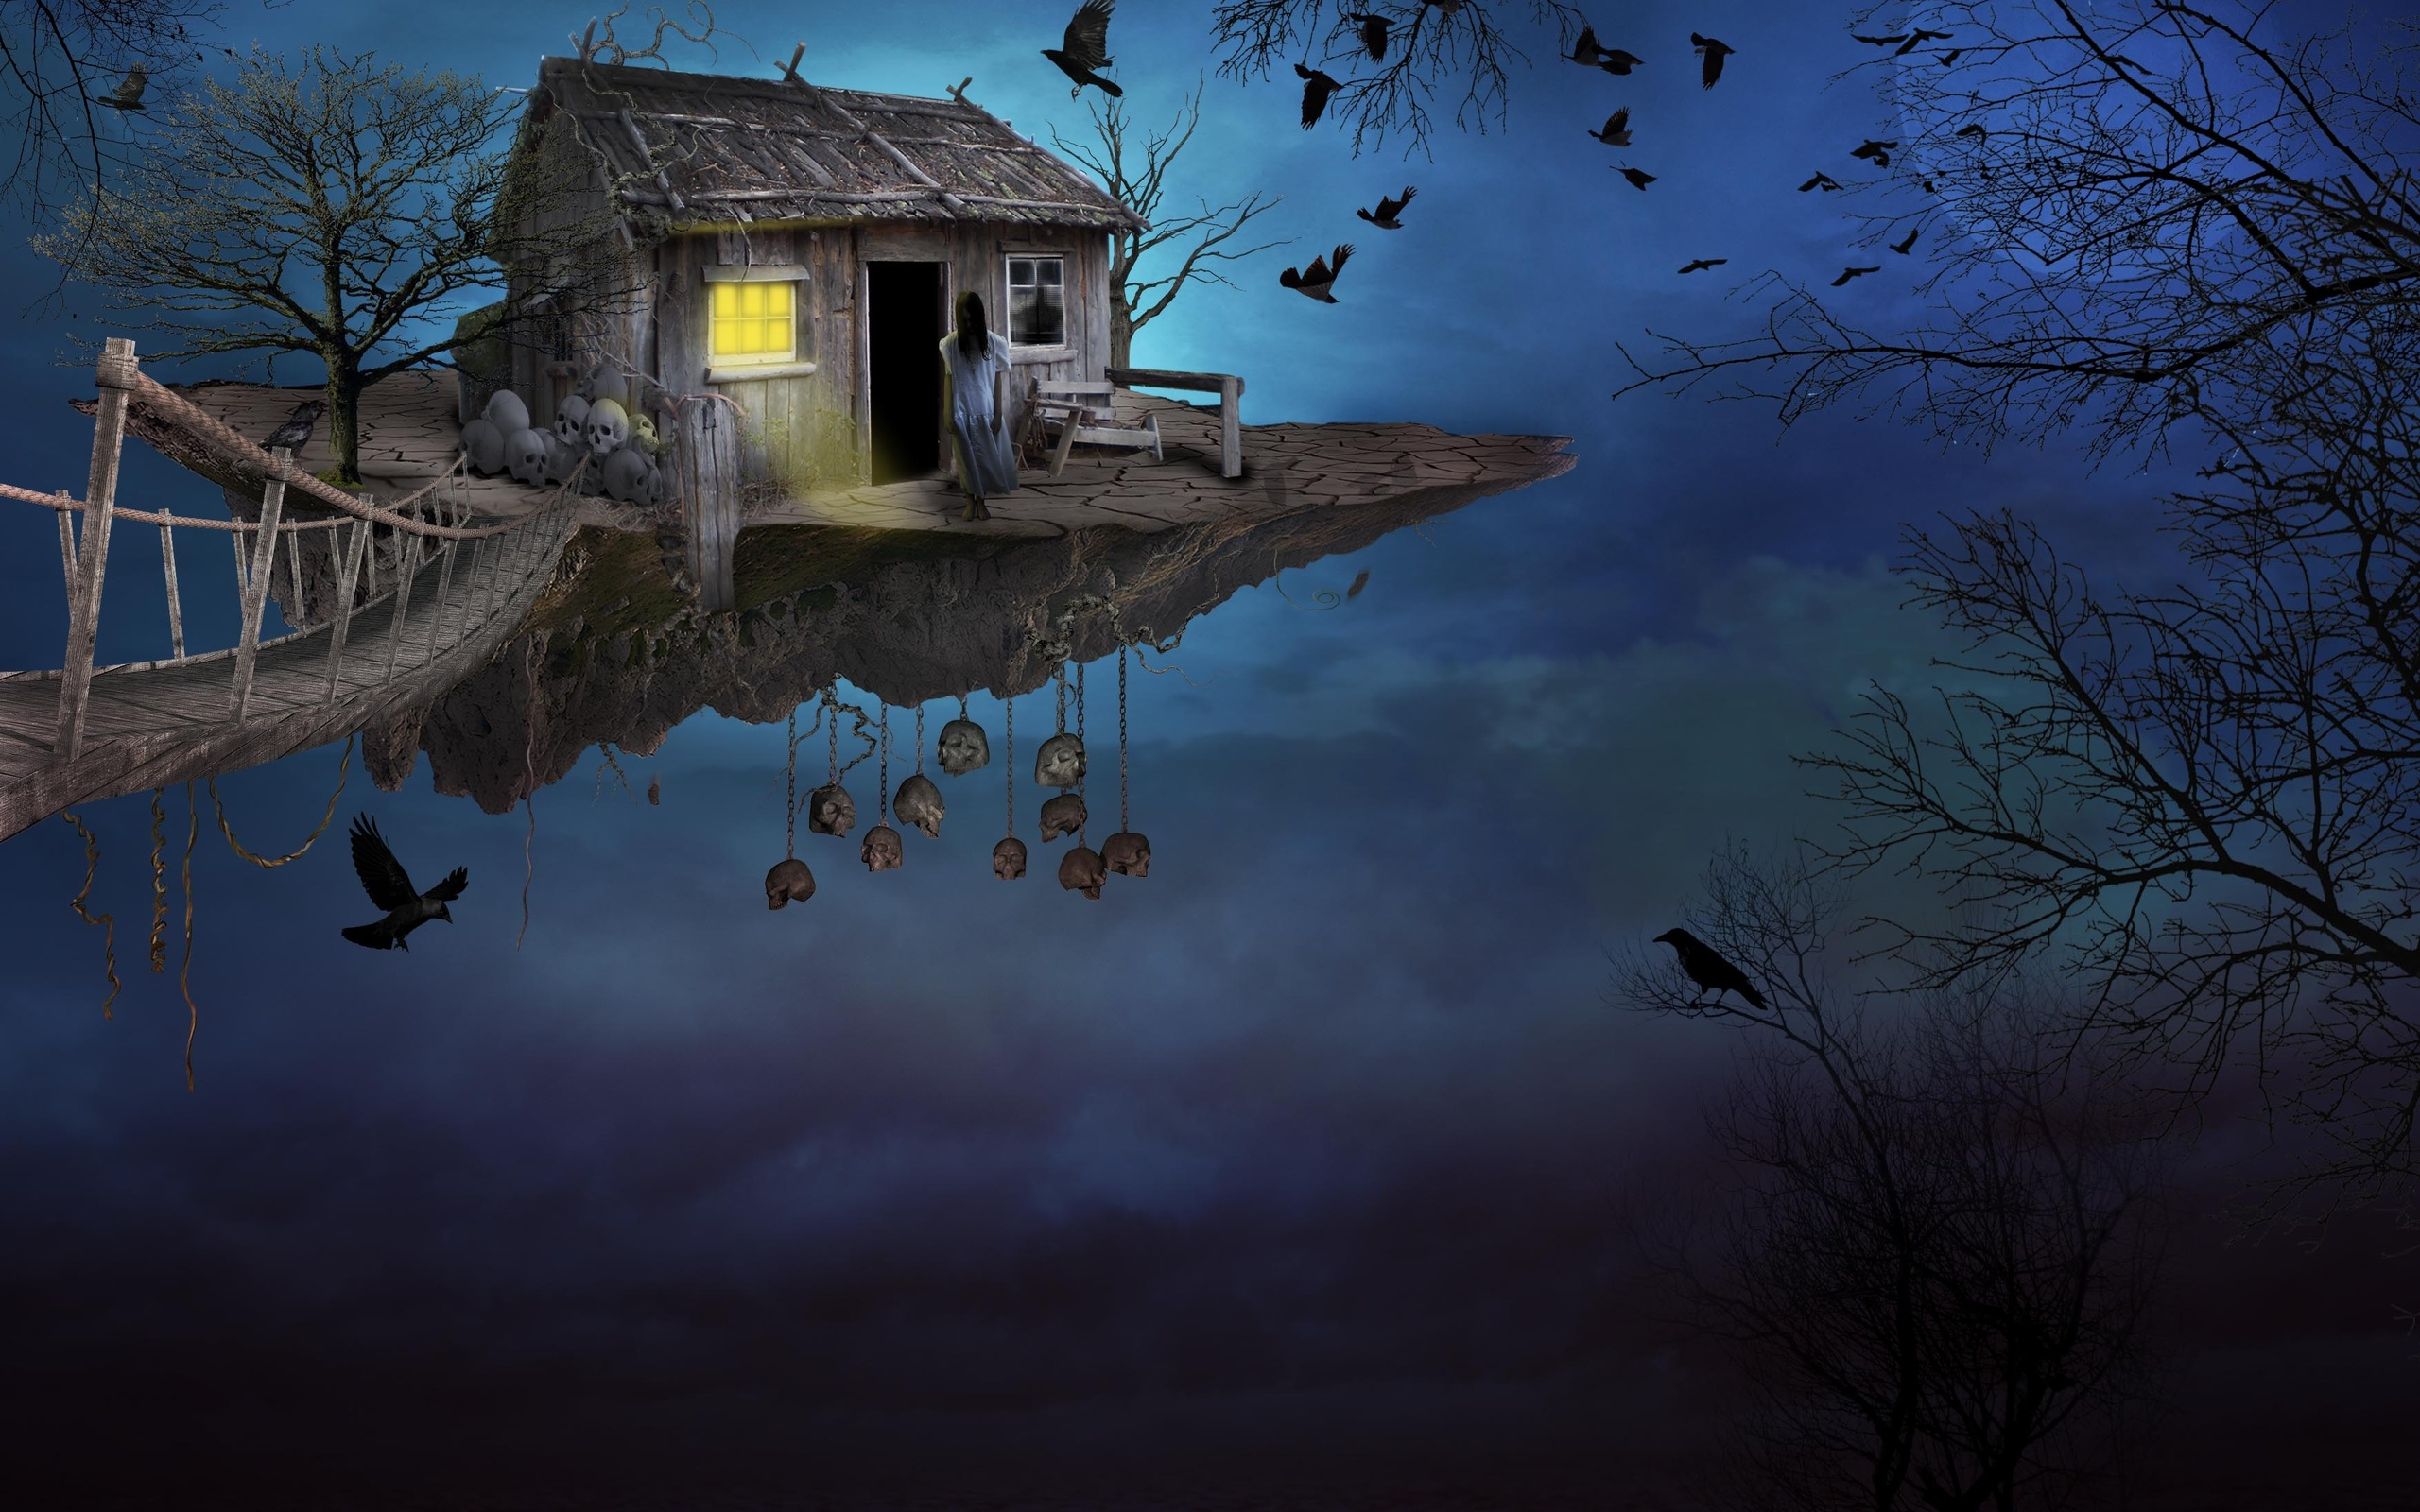 Art sky bridge island girl house bird fantasy wallpaper - Fantasy wallpaper bridge ...